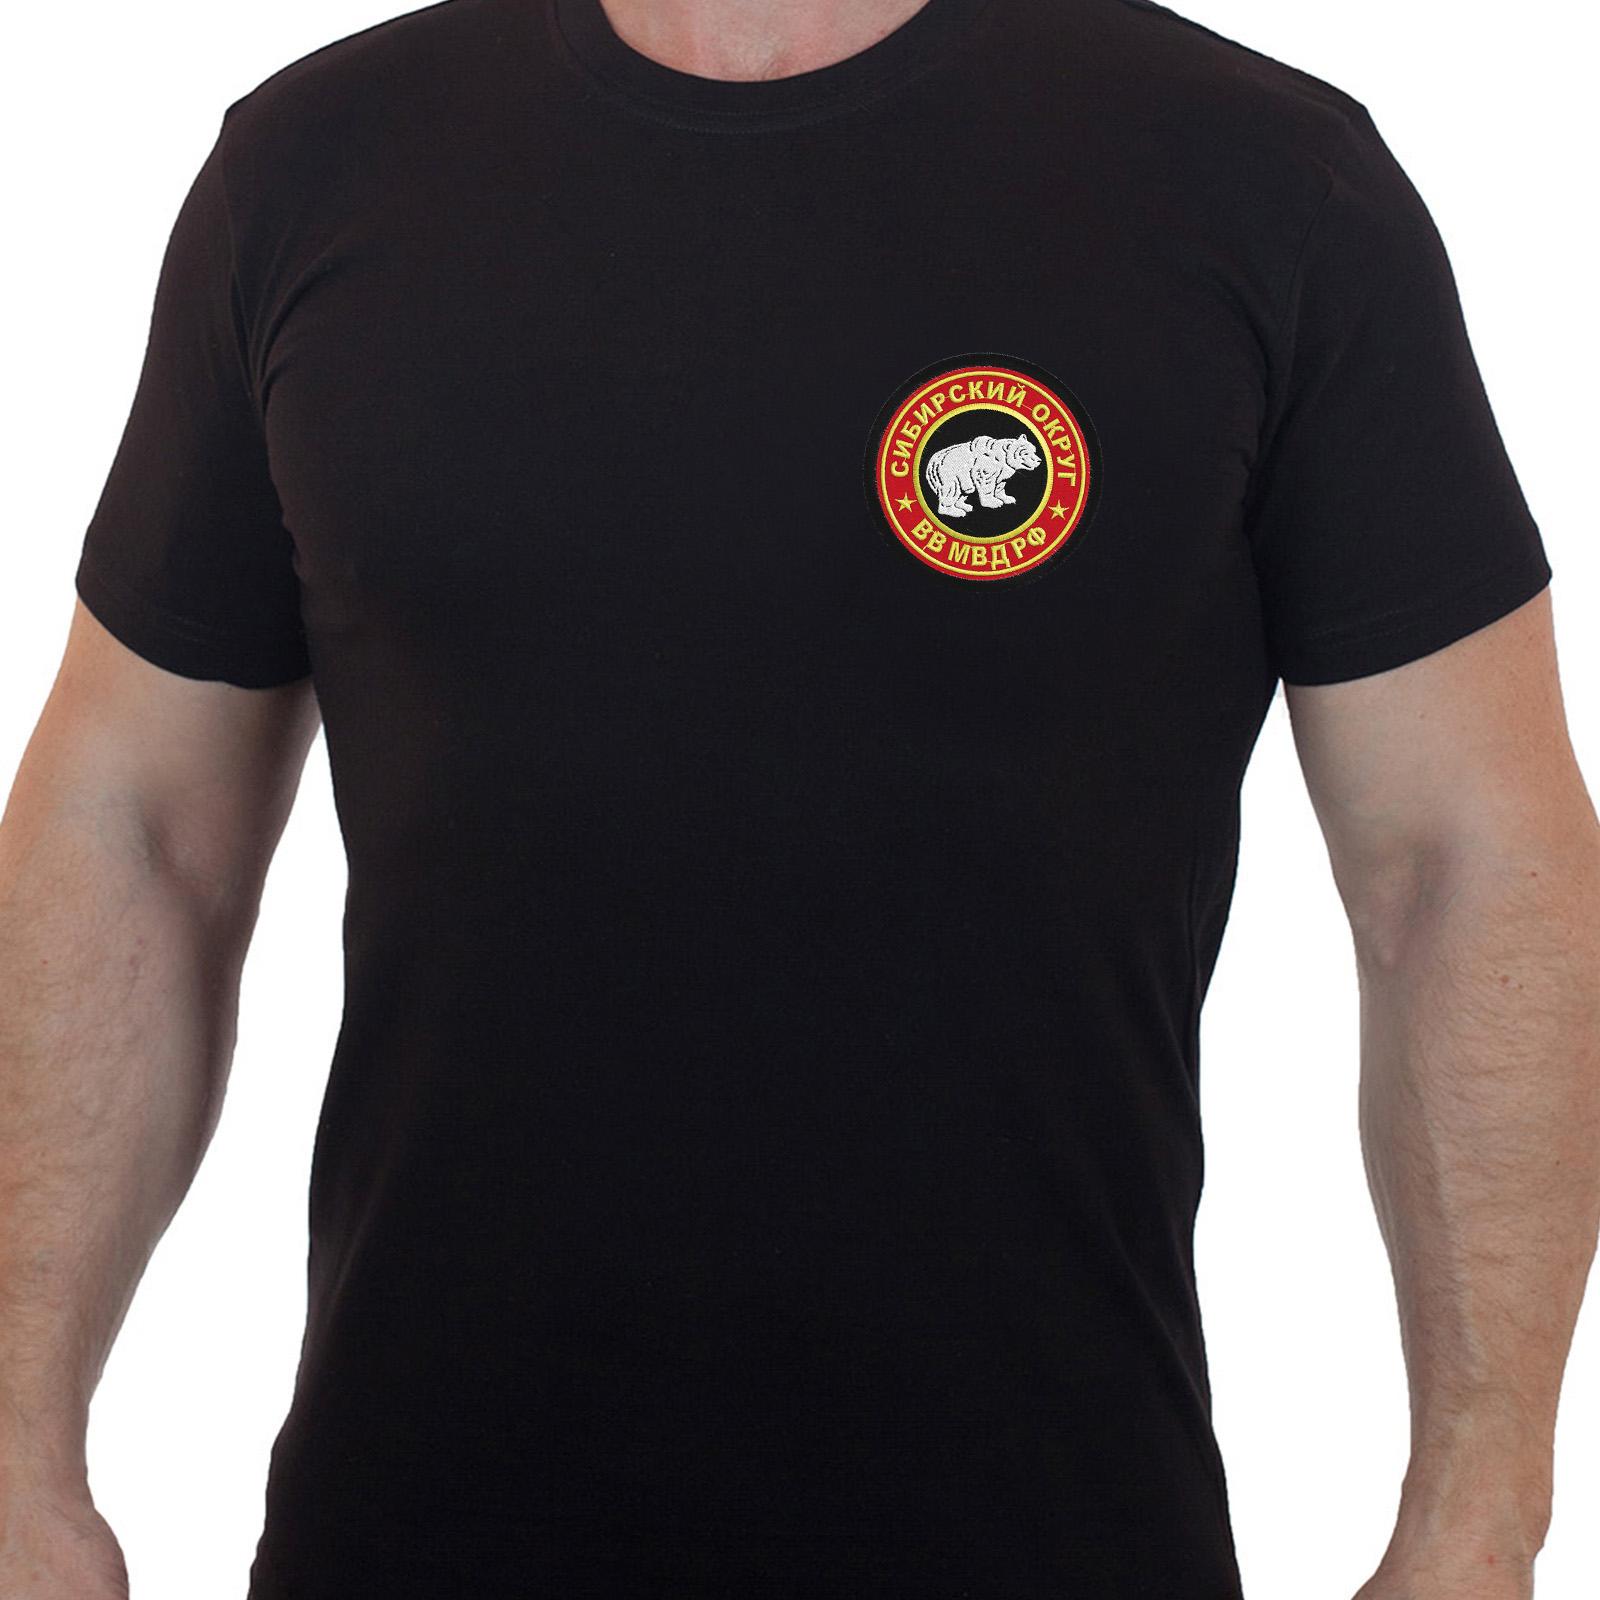 Строгая хлопковая футболка с вышитым шевроном Сибирский Округ ВВ МВД